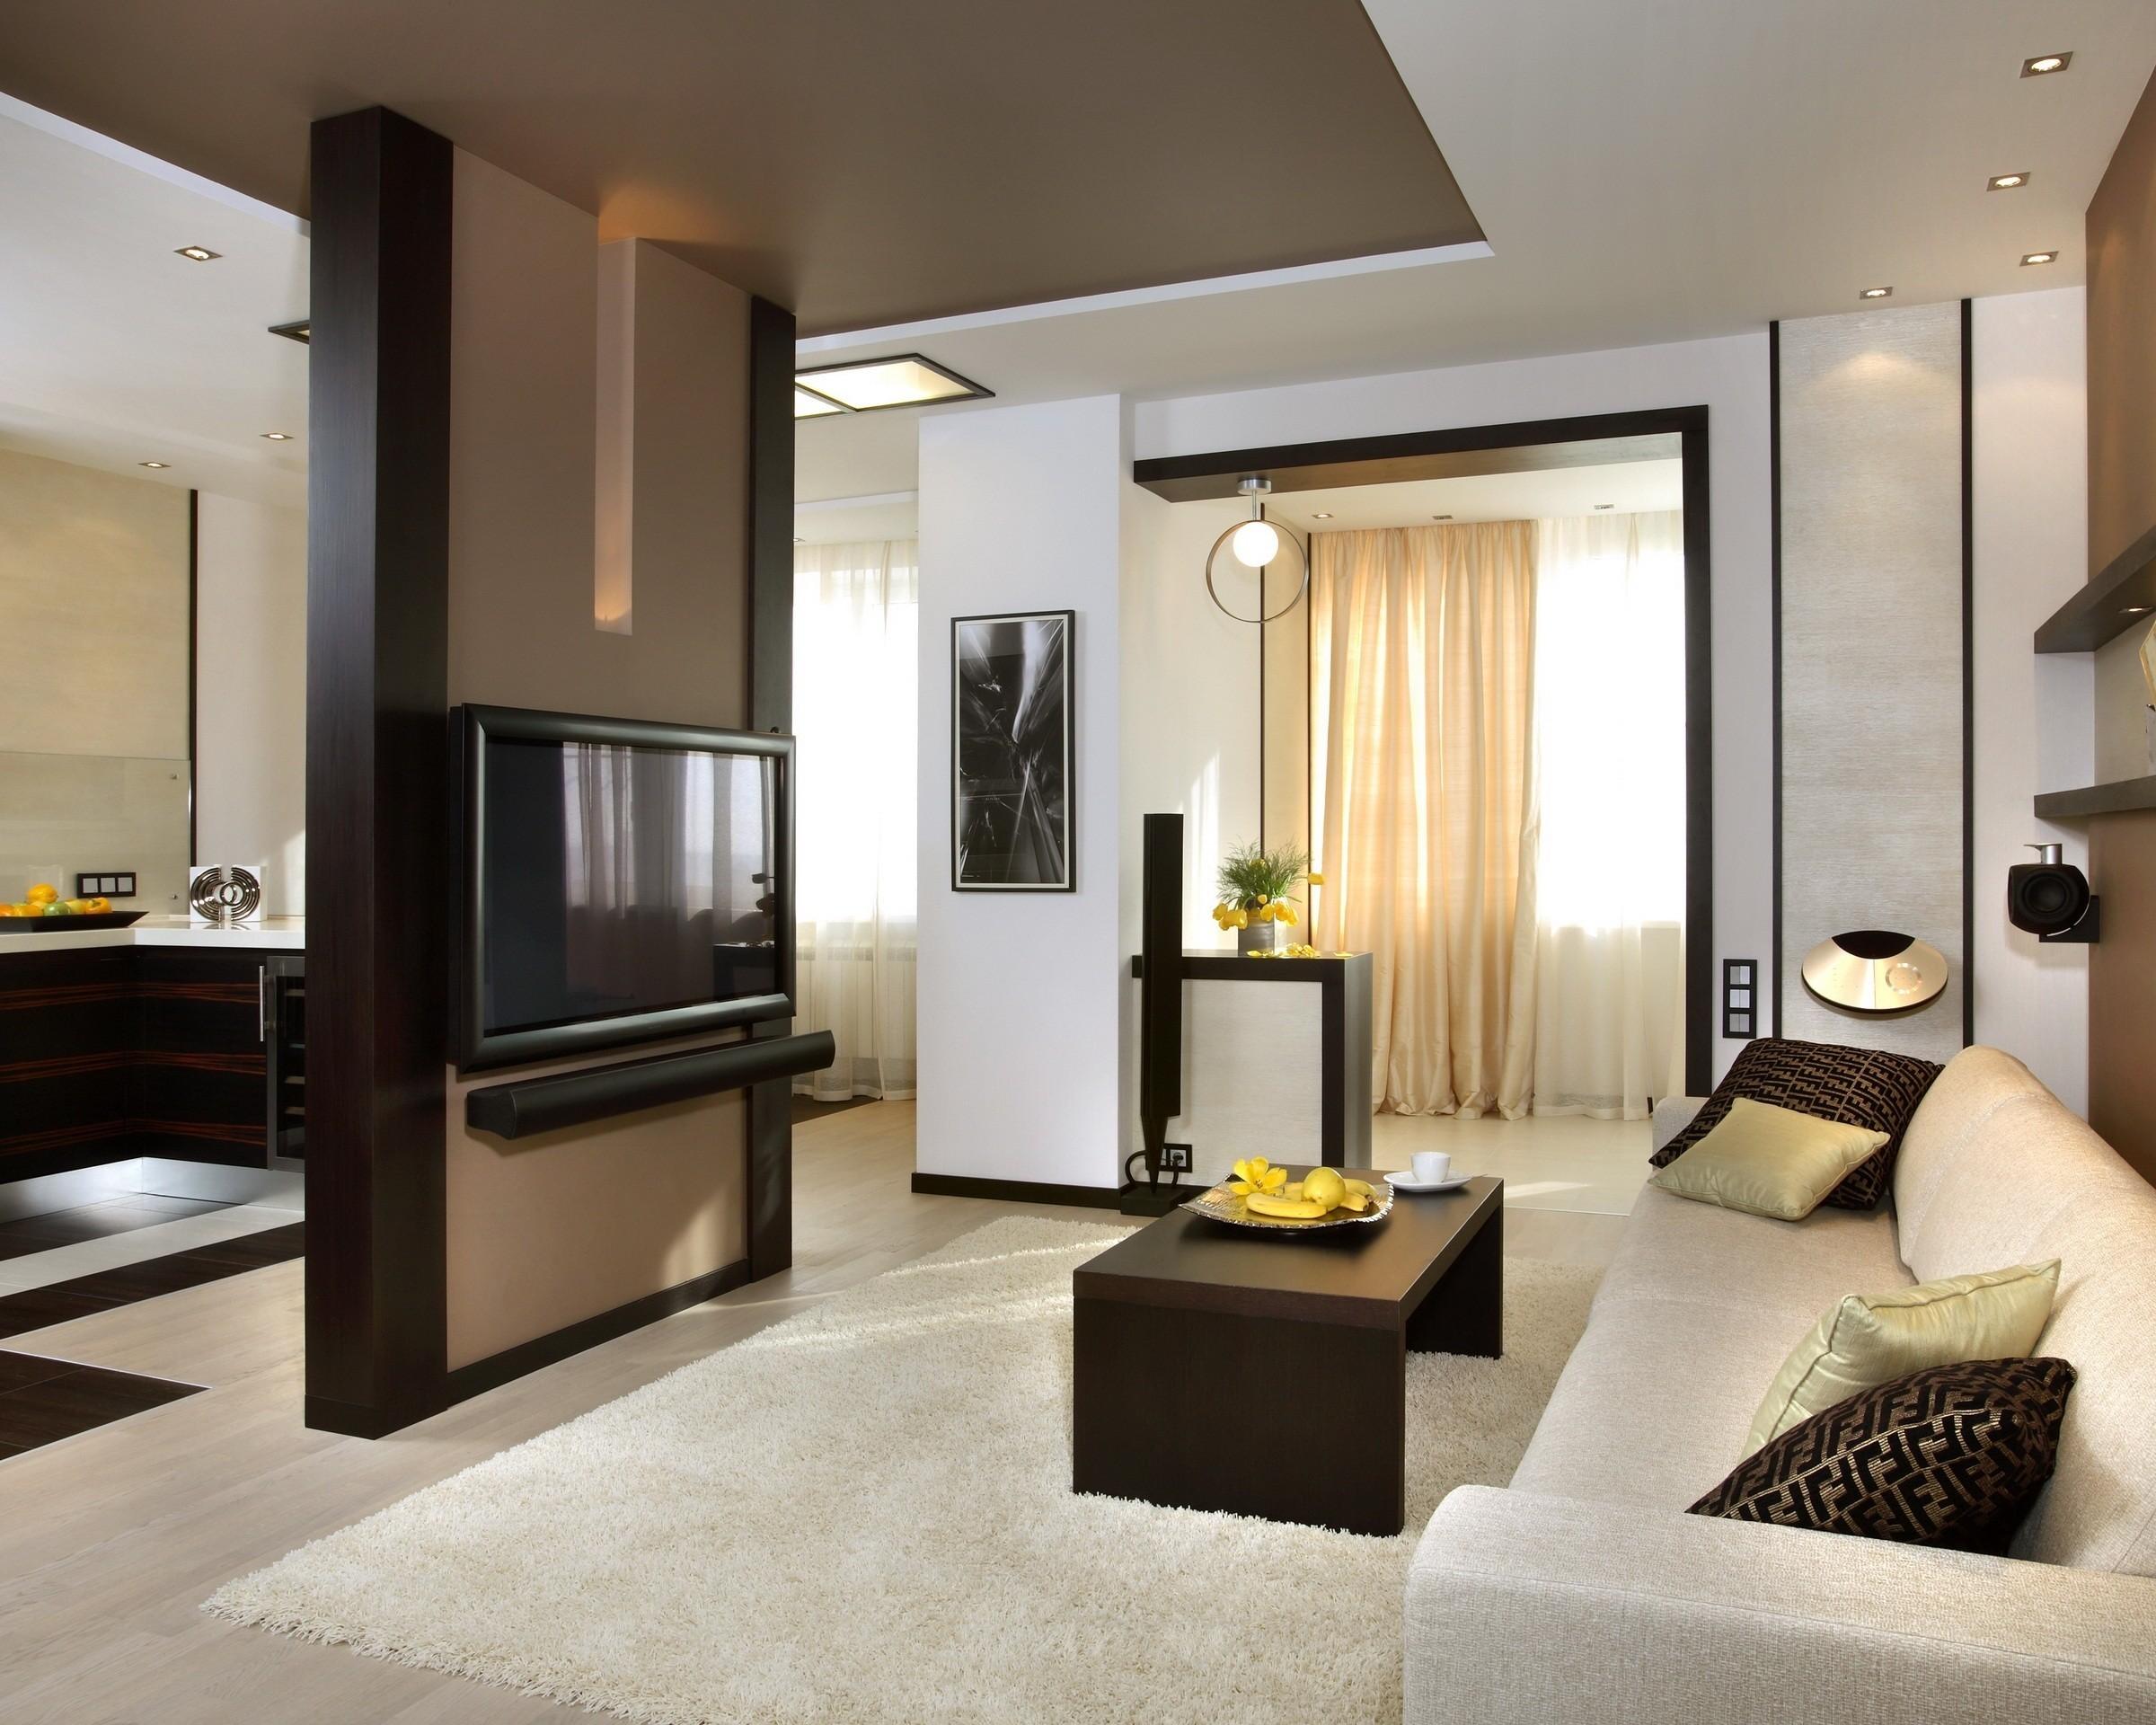 Дизайн гостиной 18 квадратных метром, фото идеи все о гостин.